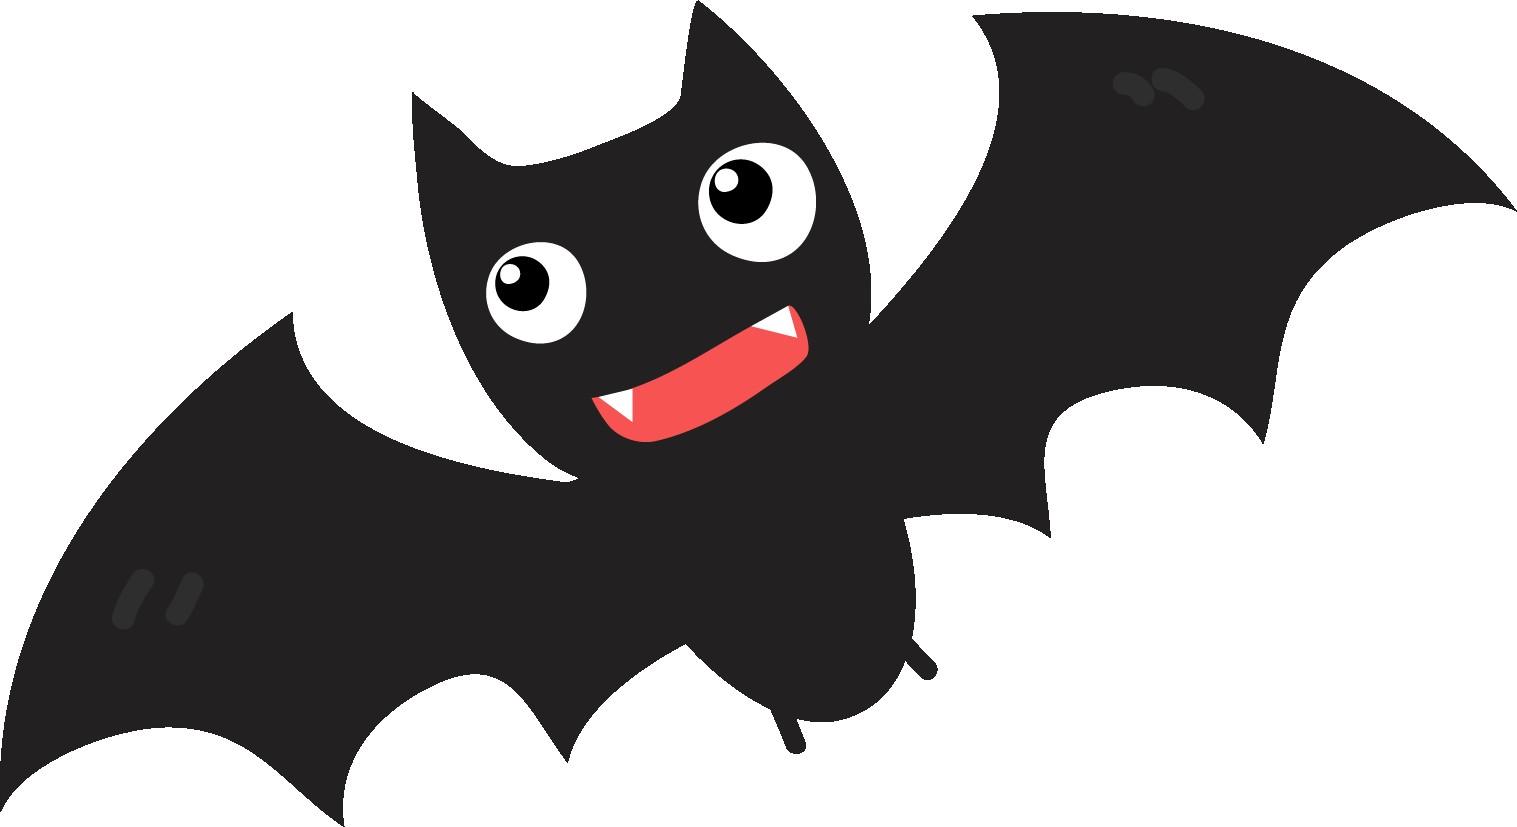 Bats clipart character.